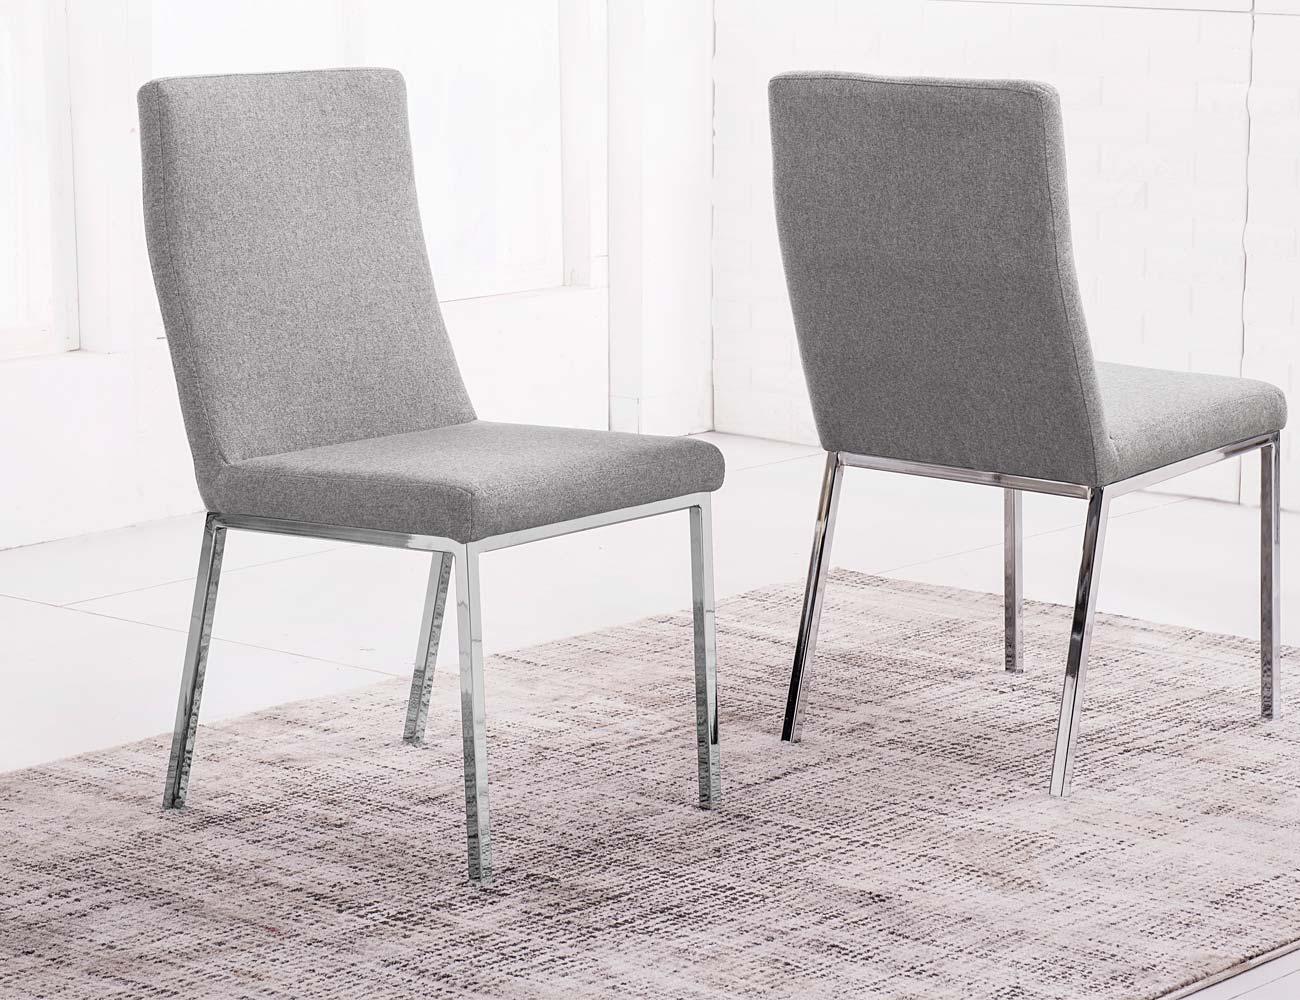 Sillas de comedor tapizadas elegant sillas de comedor for Sillas comedor cromadas